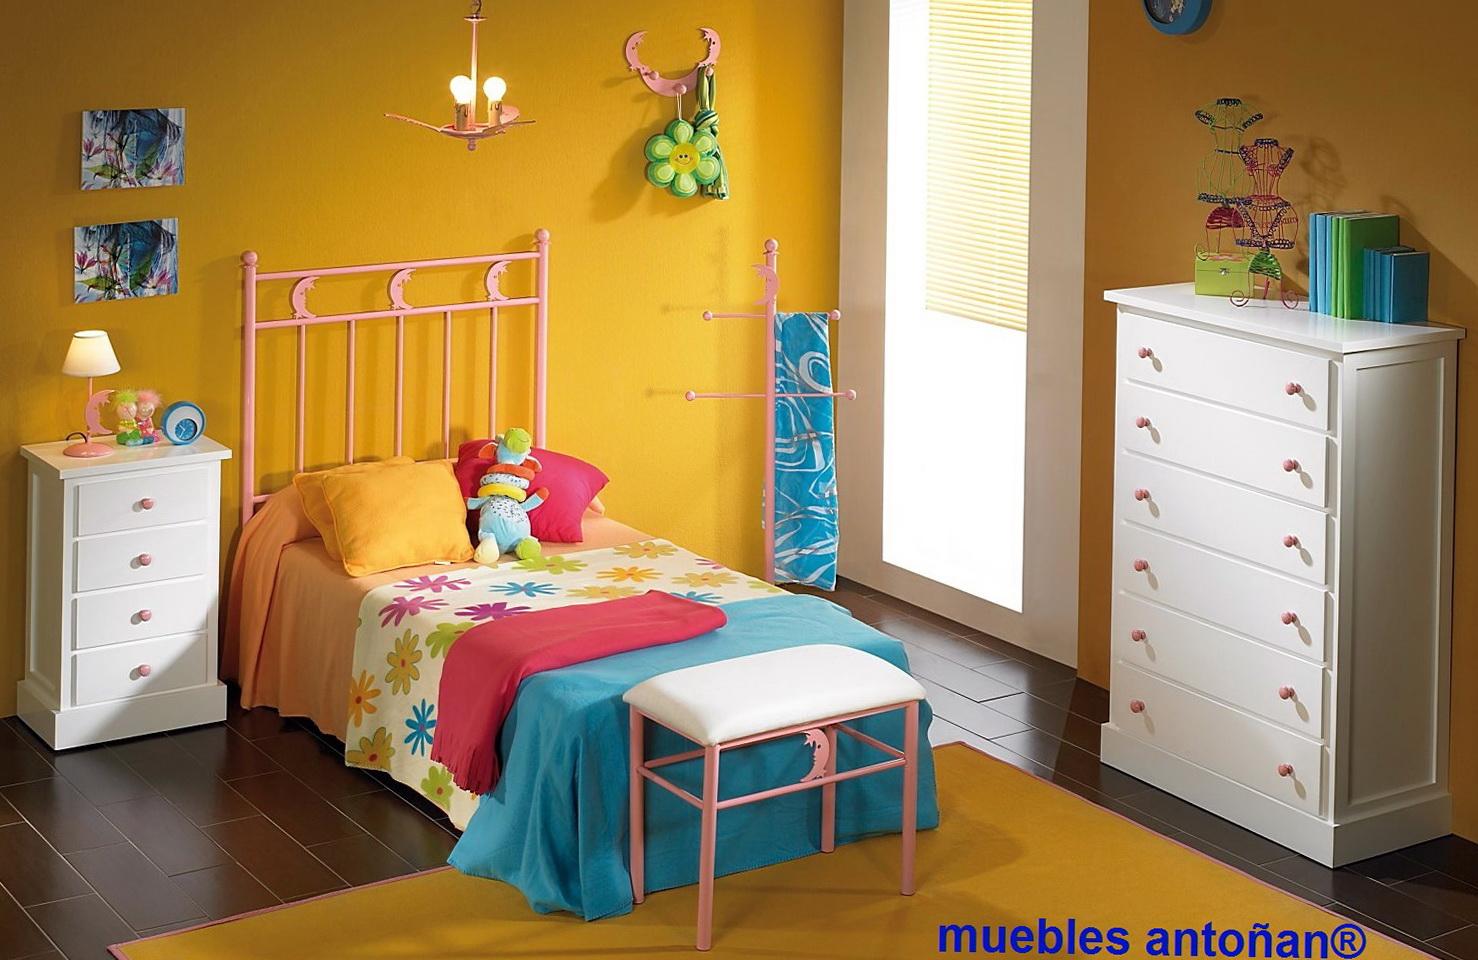 Forja cruz cuenca dormitorio infantil en forja muebles - Muebles en forja ...